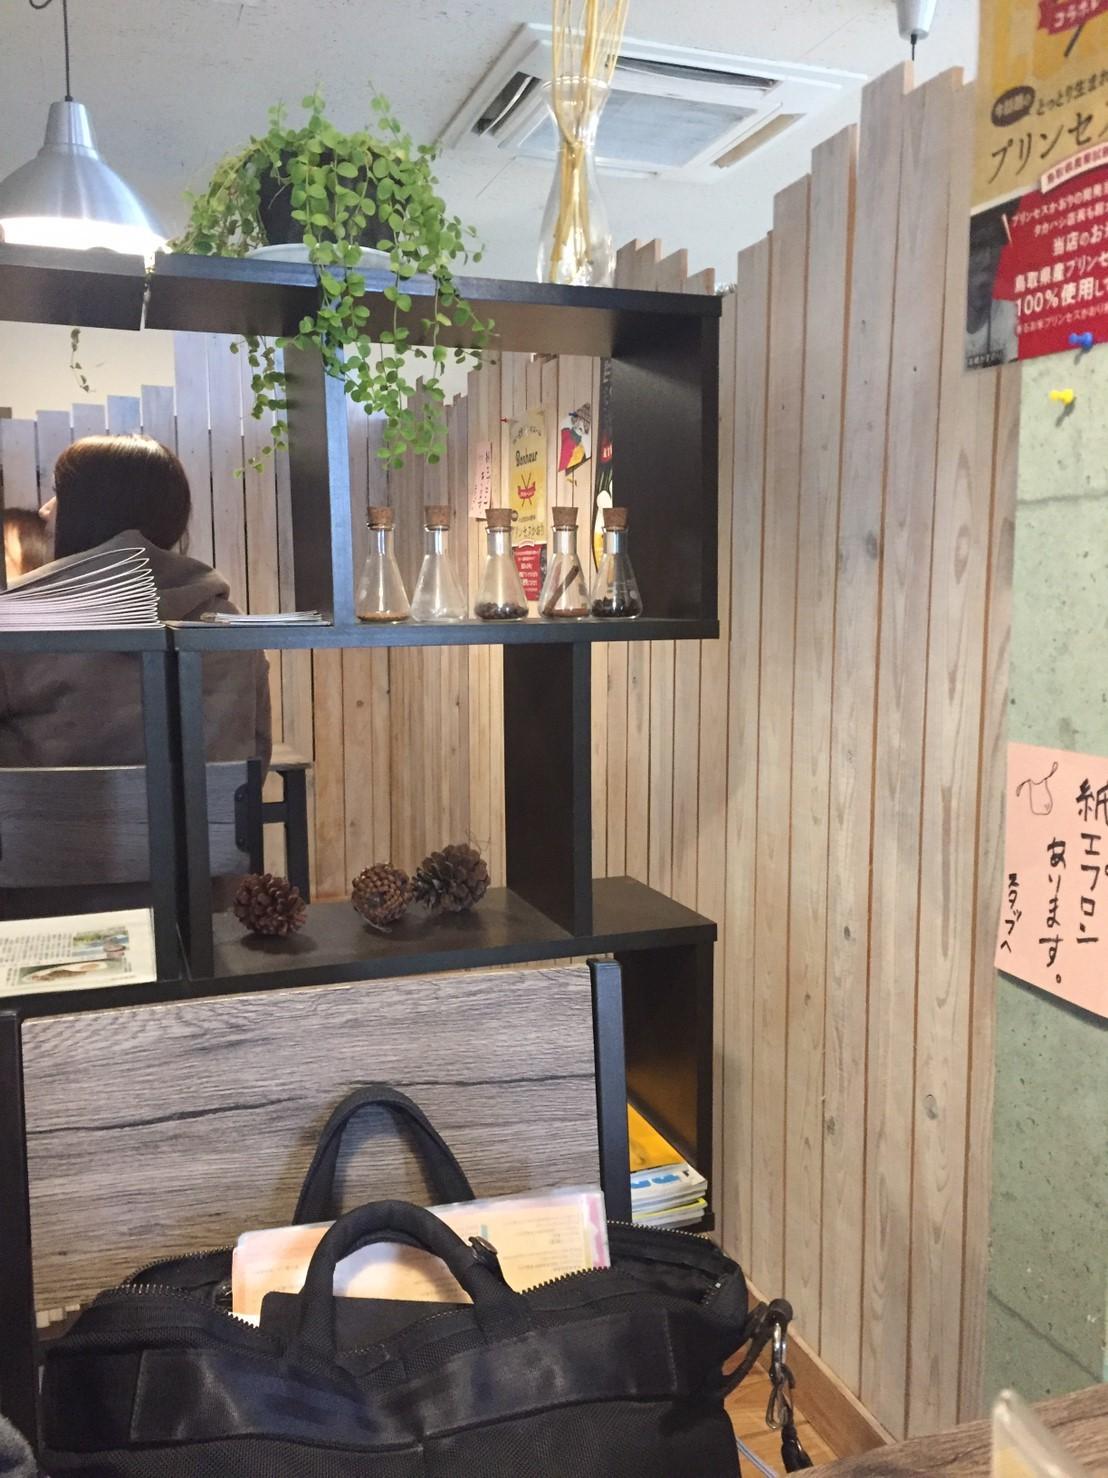 カレー食堂 ボヌール   おうちカレー_e0115904_04465125.jpg